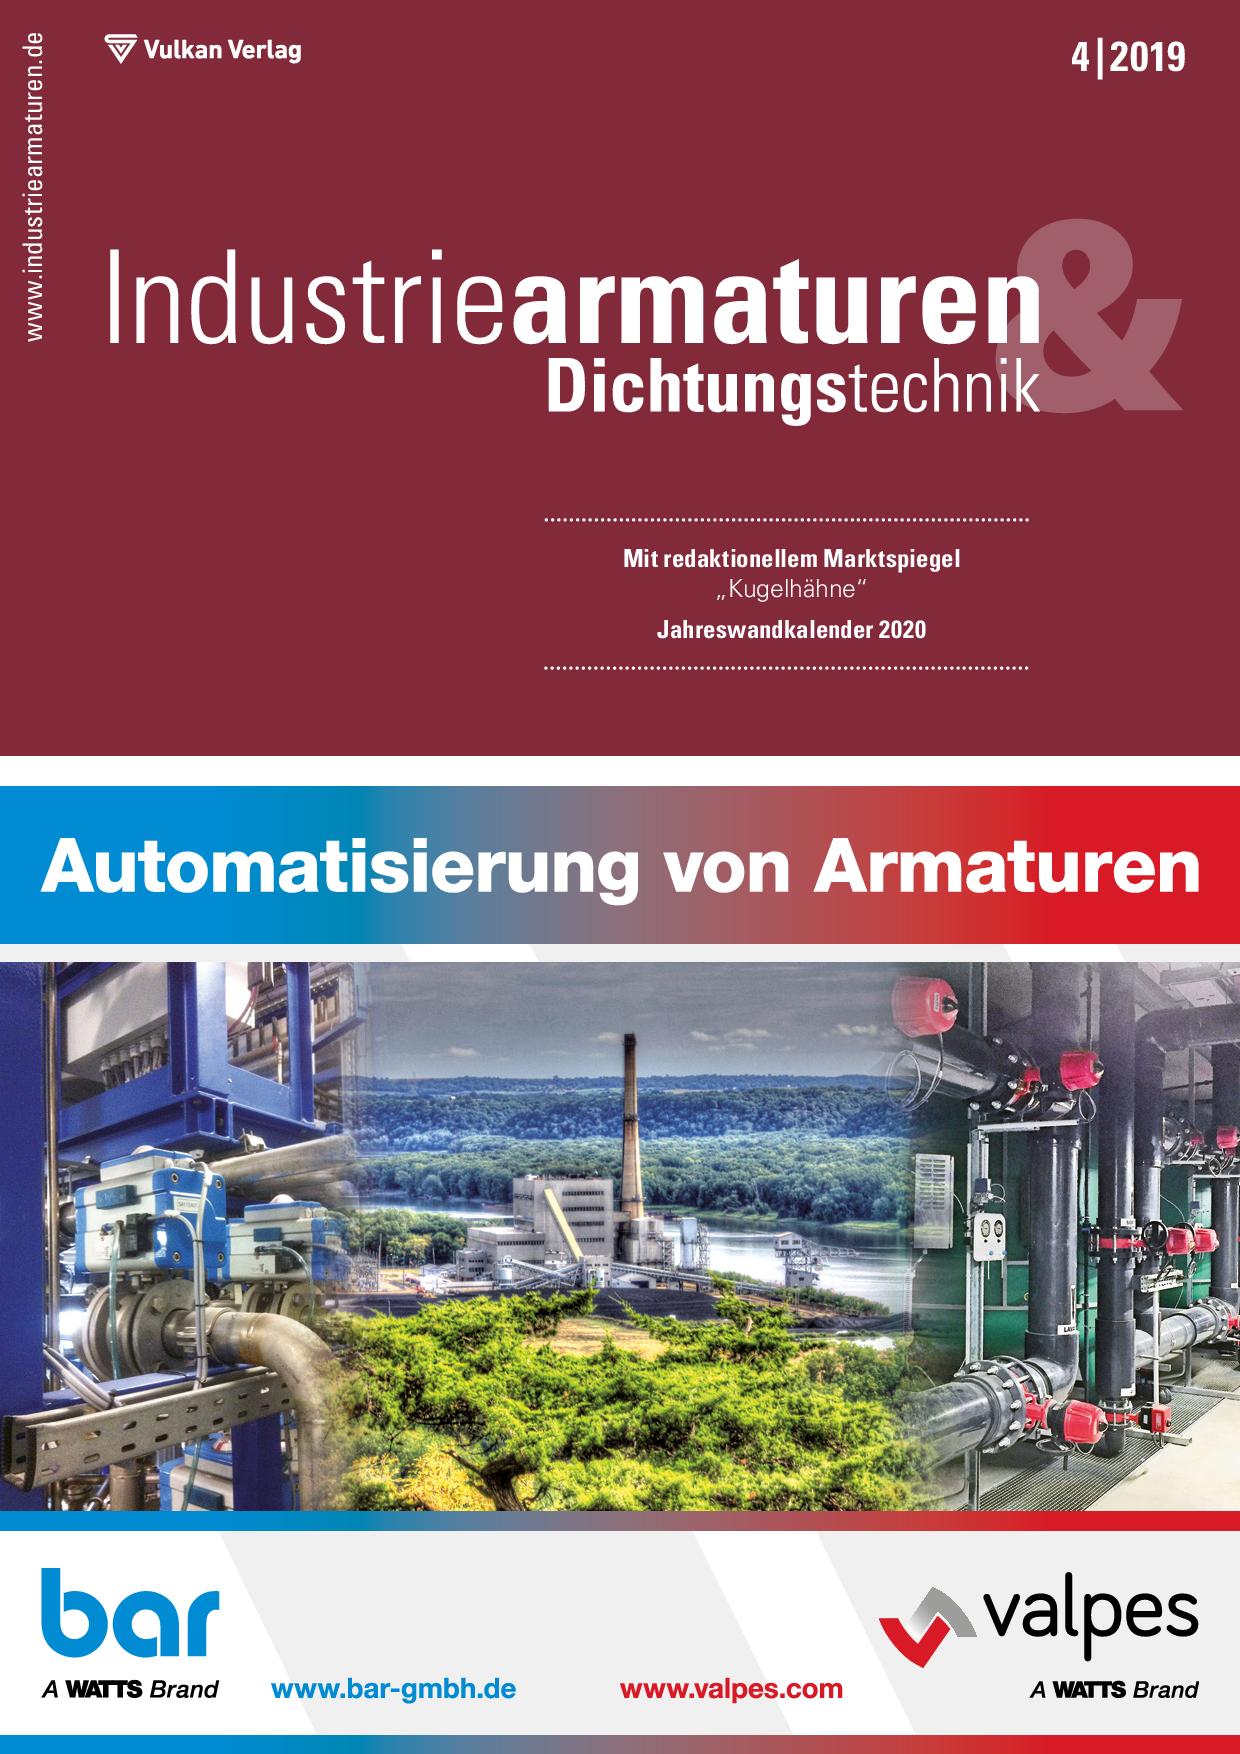 Industriearmaturen – 04 2019